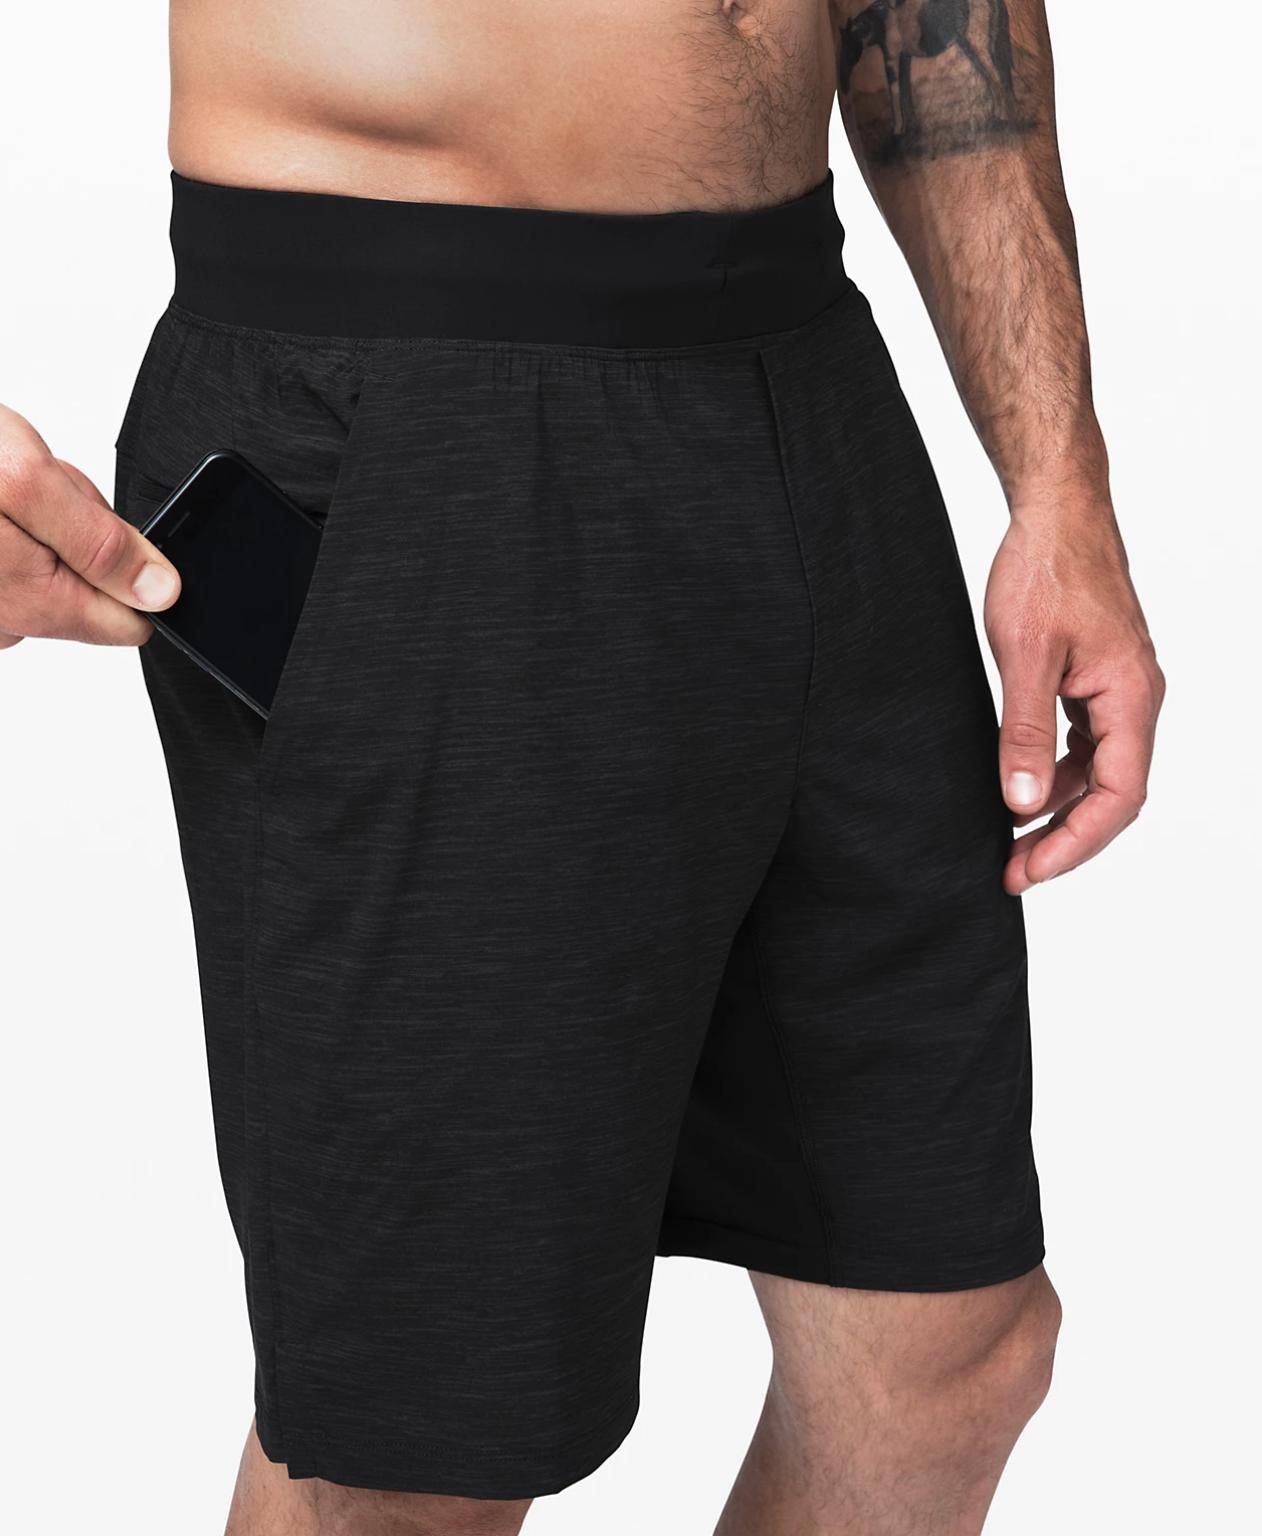 Comfy Athletic Shorts - Lululemon